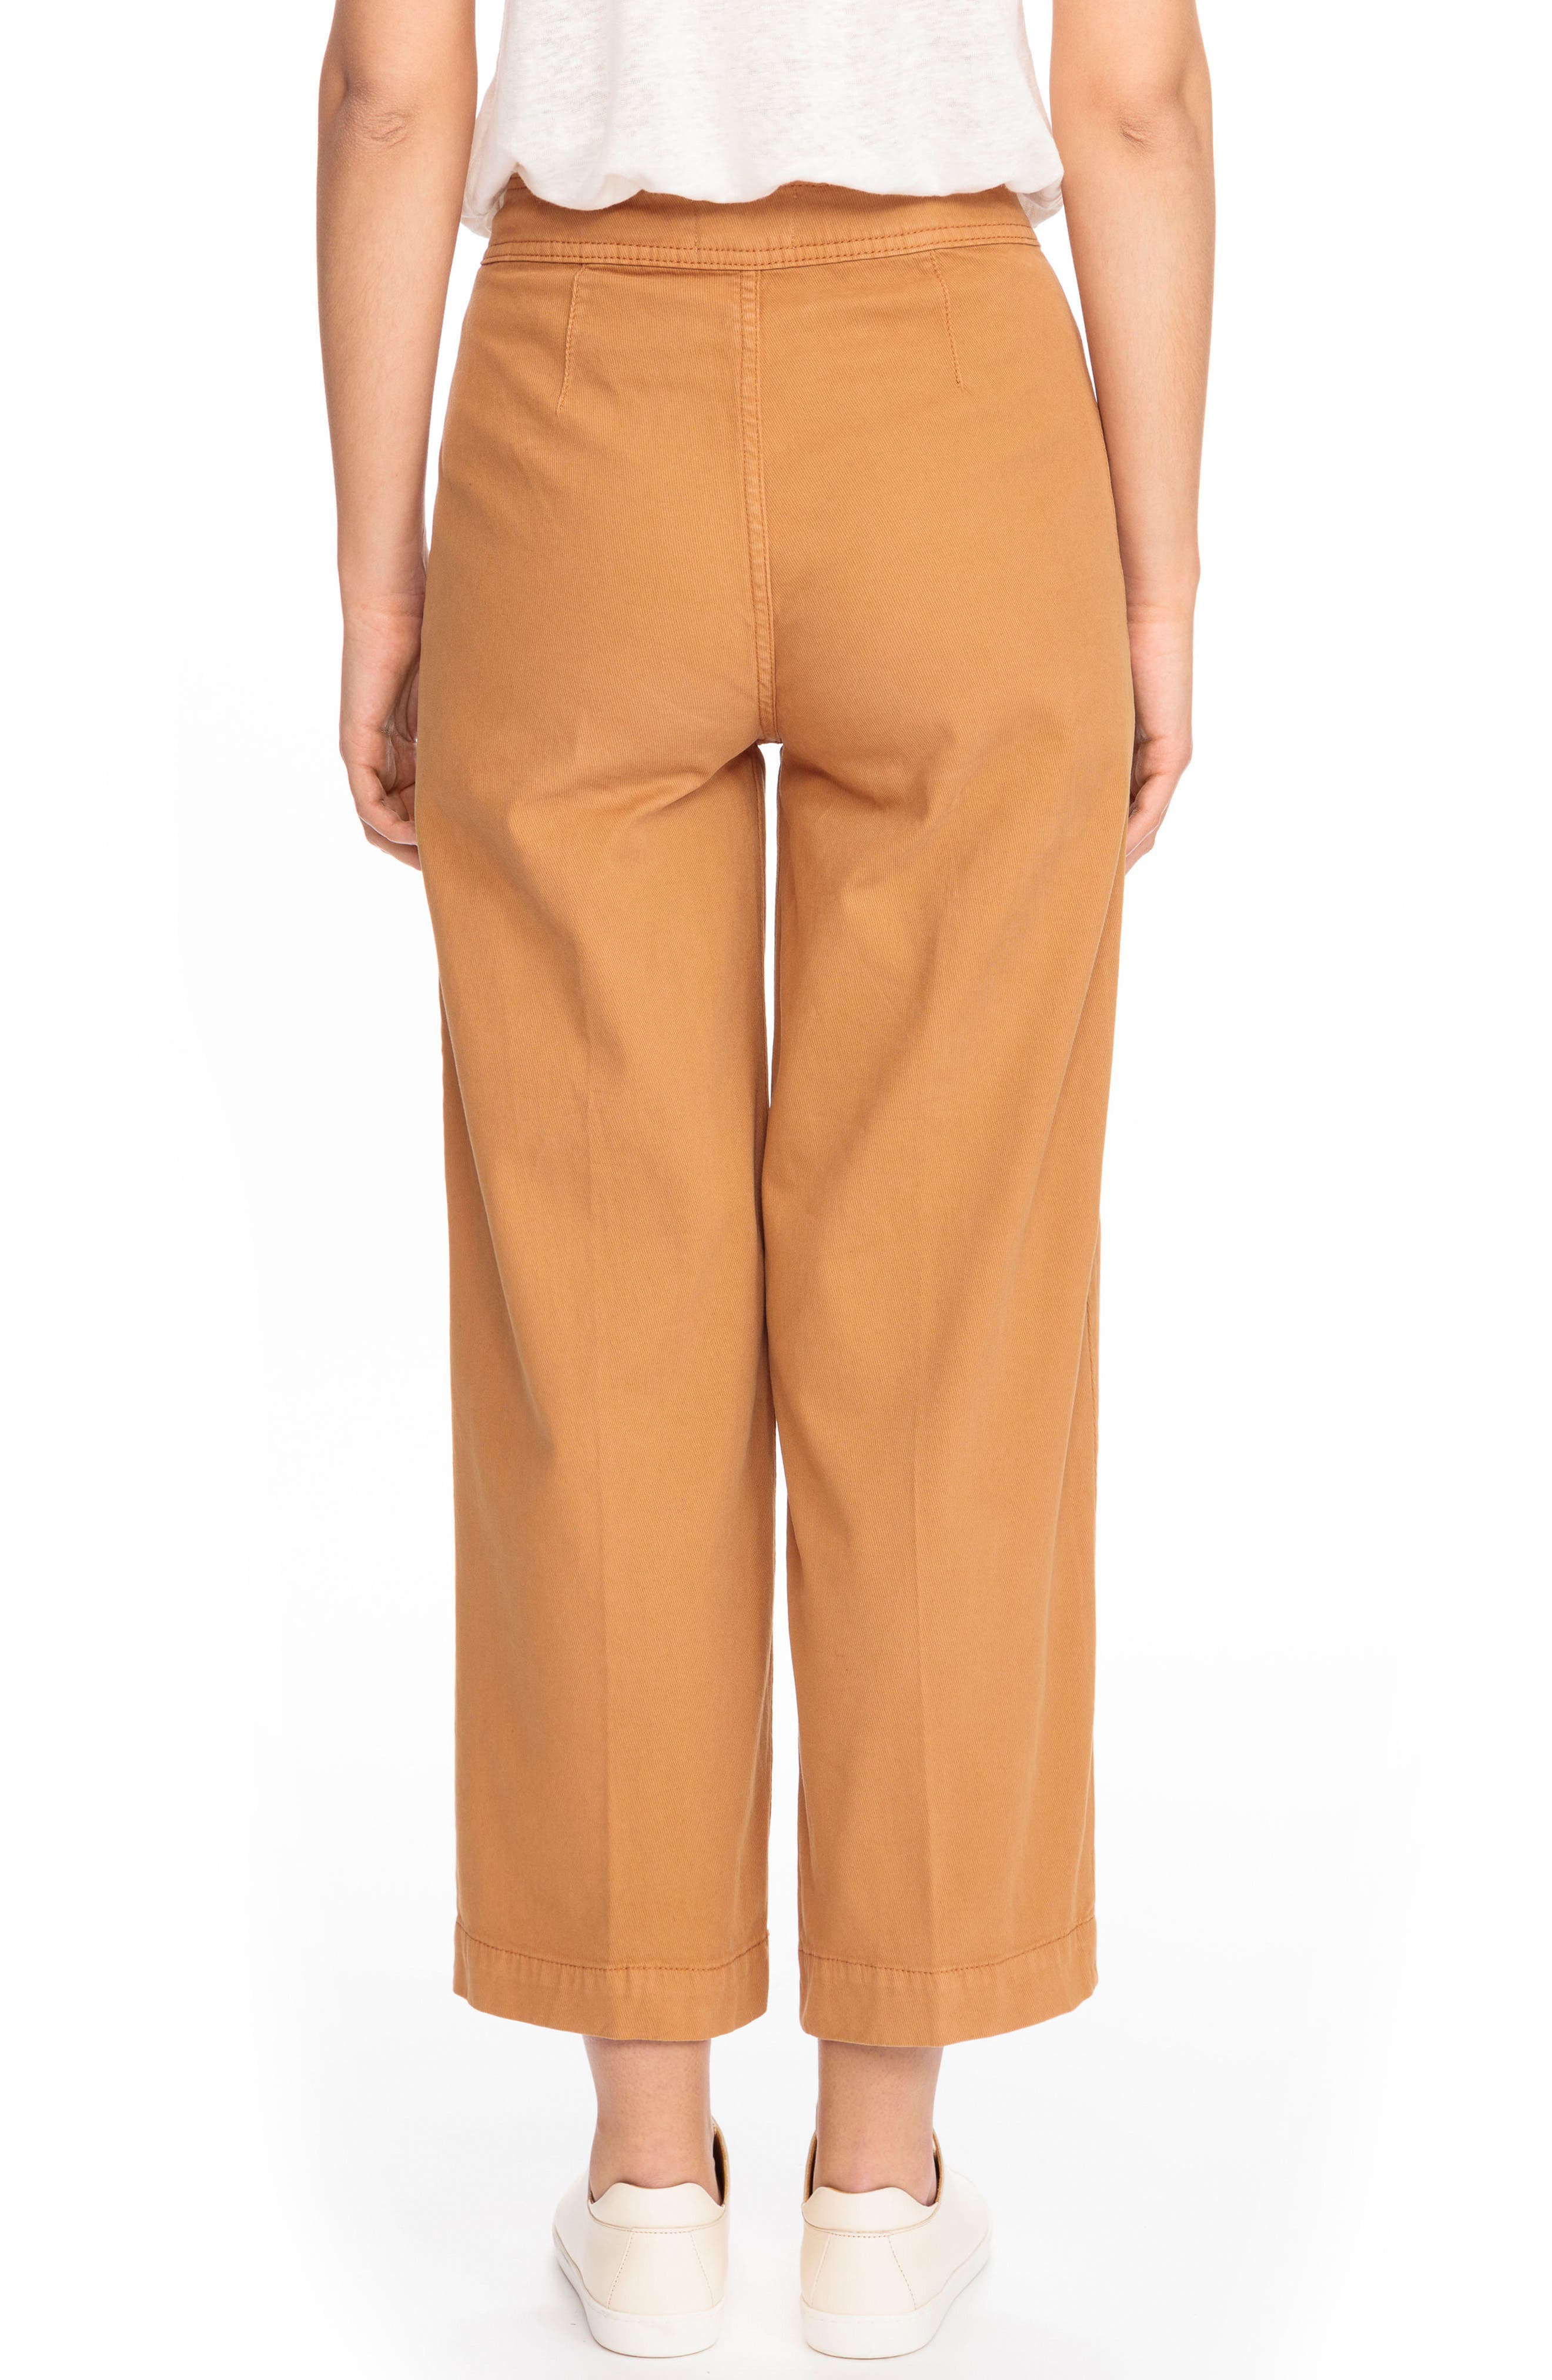 June Crop Pants,                             Alternate thumbnail 3, color,                             Ocre